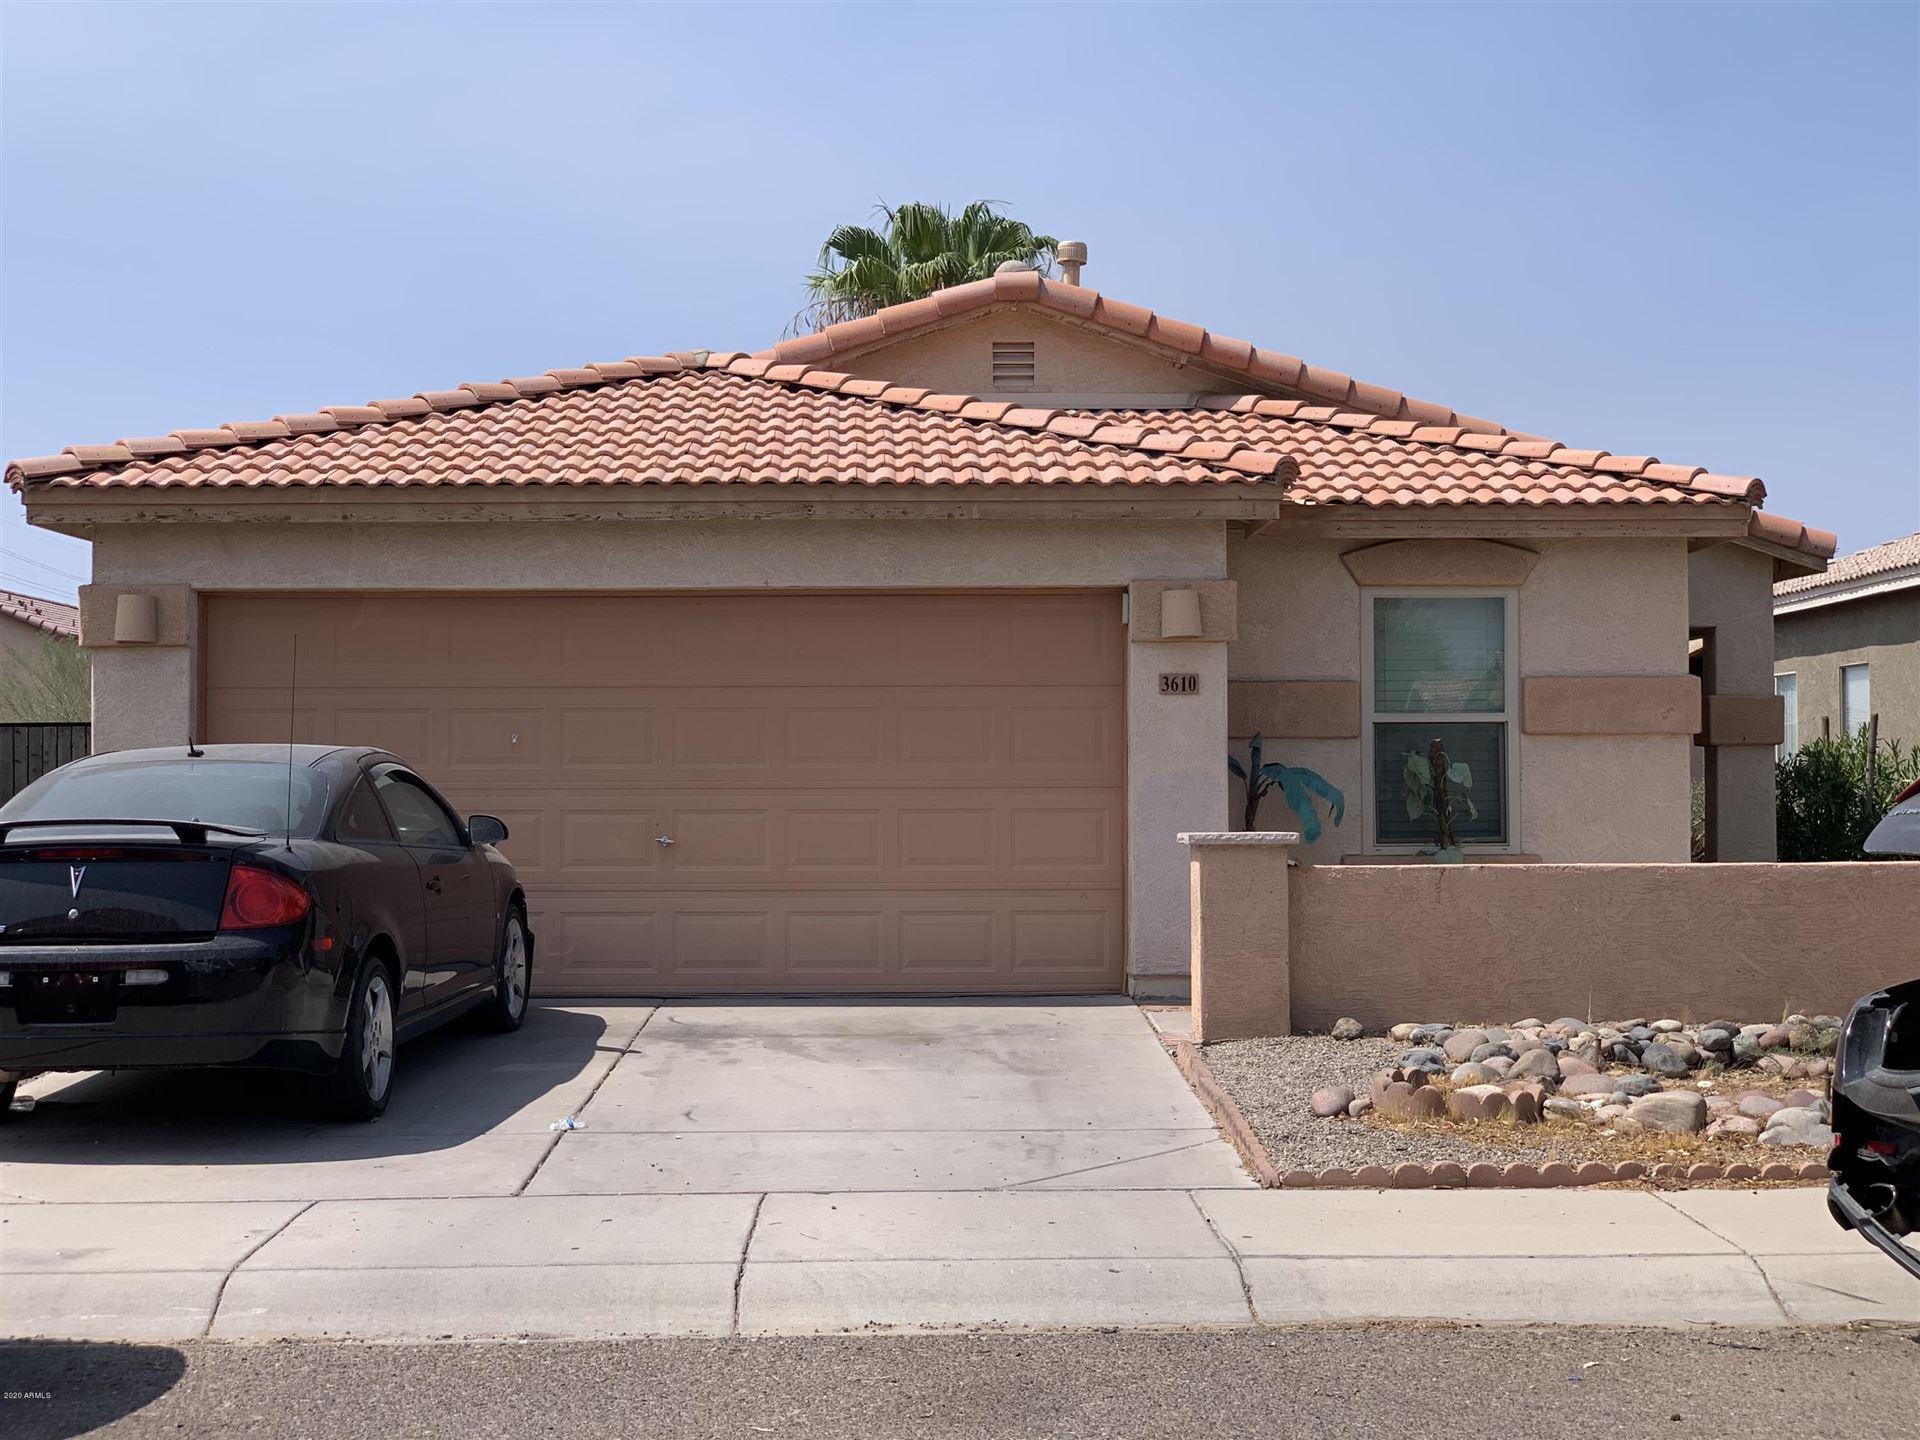 3610 S 64TH Lane, Phoenix, AZ 85043 - MLS#: 6130223